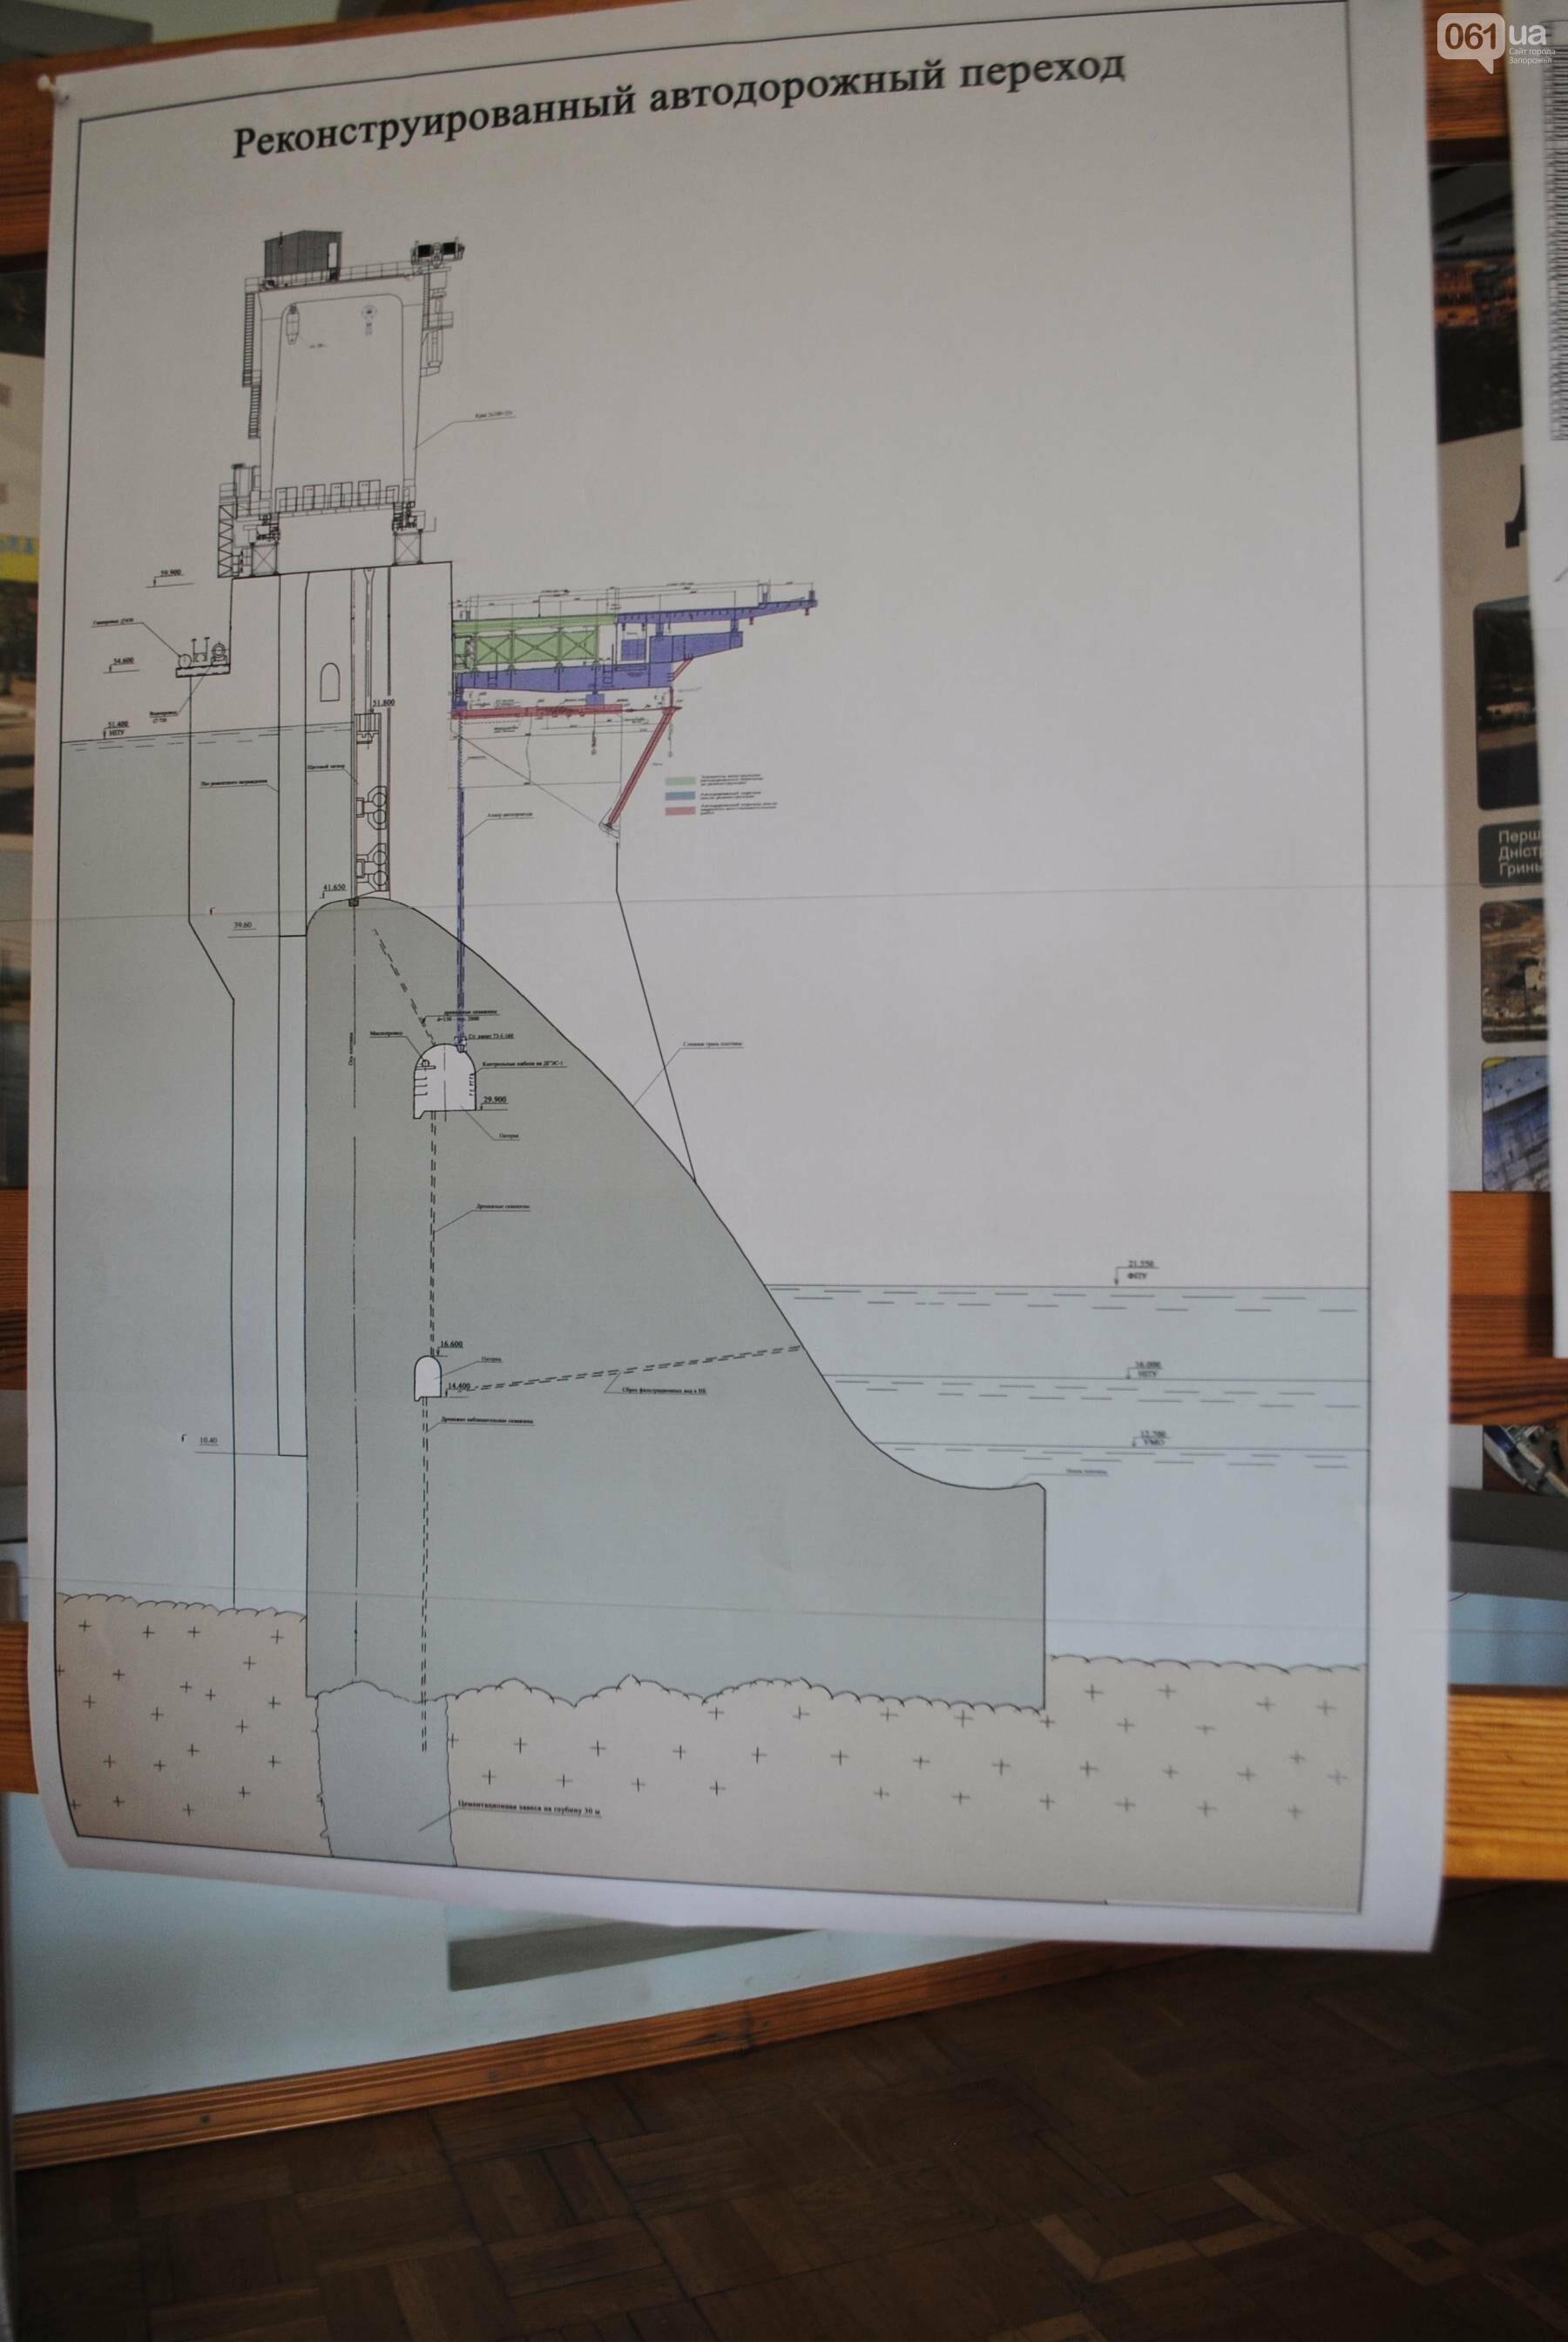 Через неделю стартует масштабный ремонт ДнепроГЭСа: что нужно знать запорожцам, фото-2